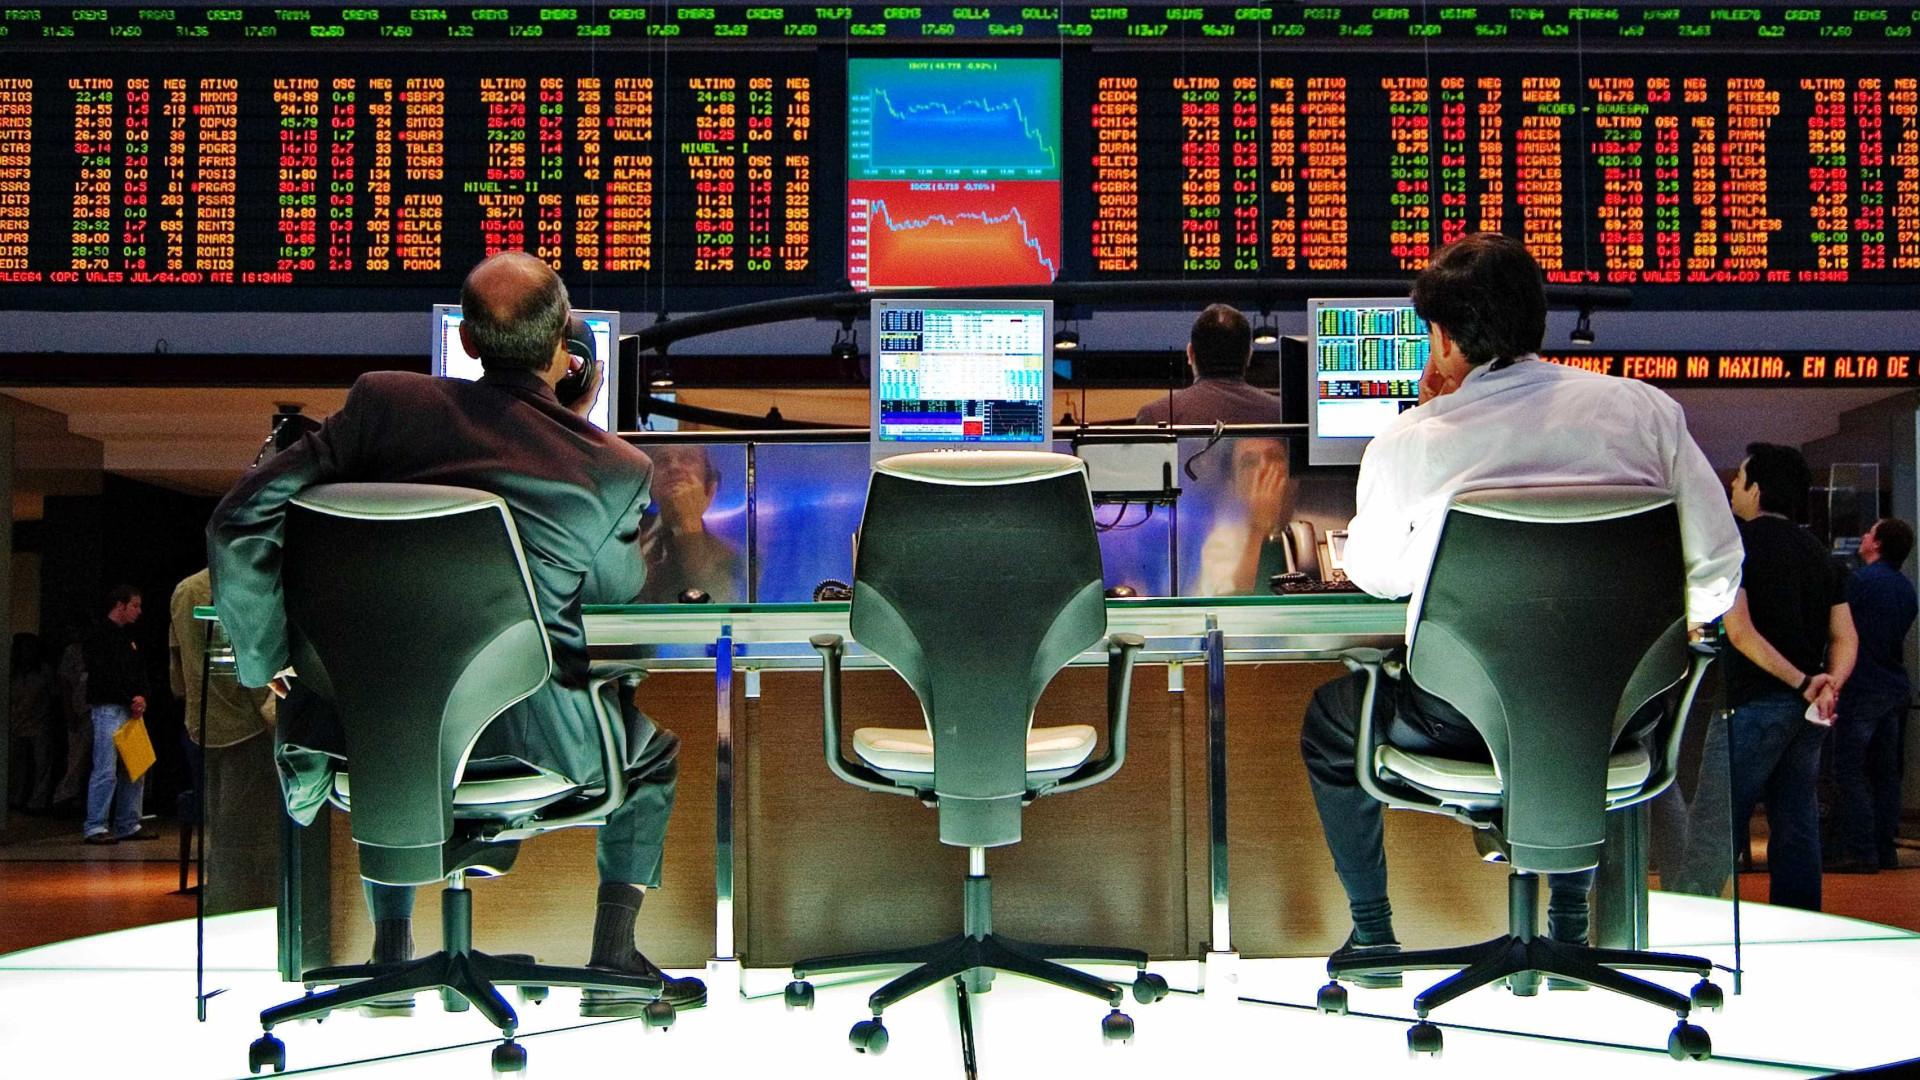 Mudanças podem facilitar aplicações no Tesouro Direto